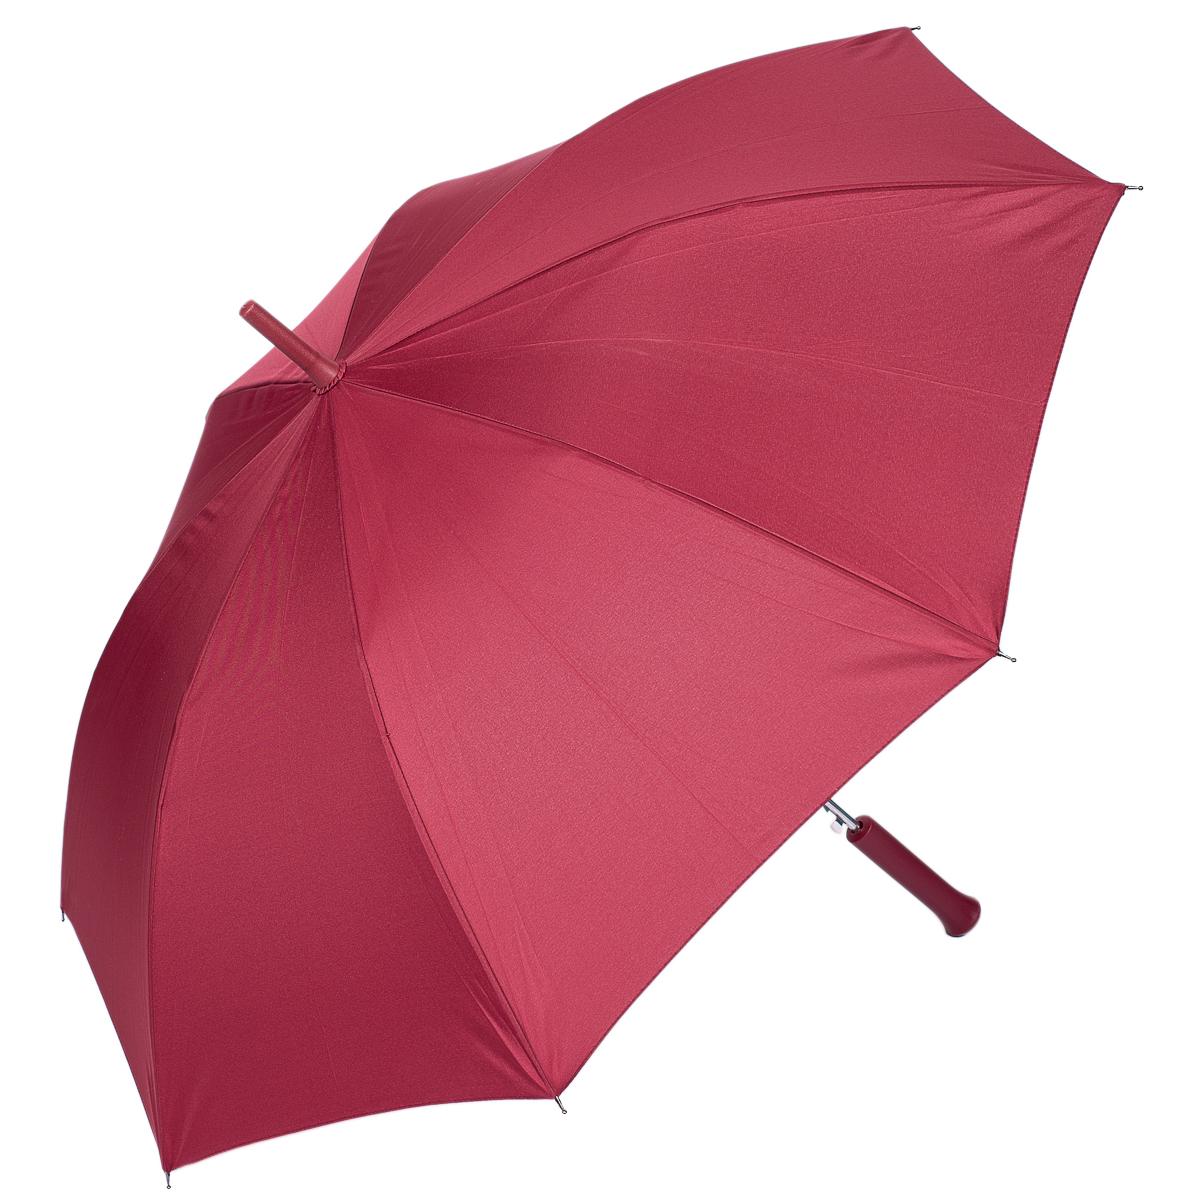 Зонт-трость женский Nuages, цвет: бордовый. NZ1240/5bordoКолье (короткие одноярусные бусы)Зонт - трость. Однотонный. 8 спиц. Автоматическое открытие.